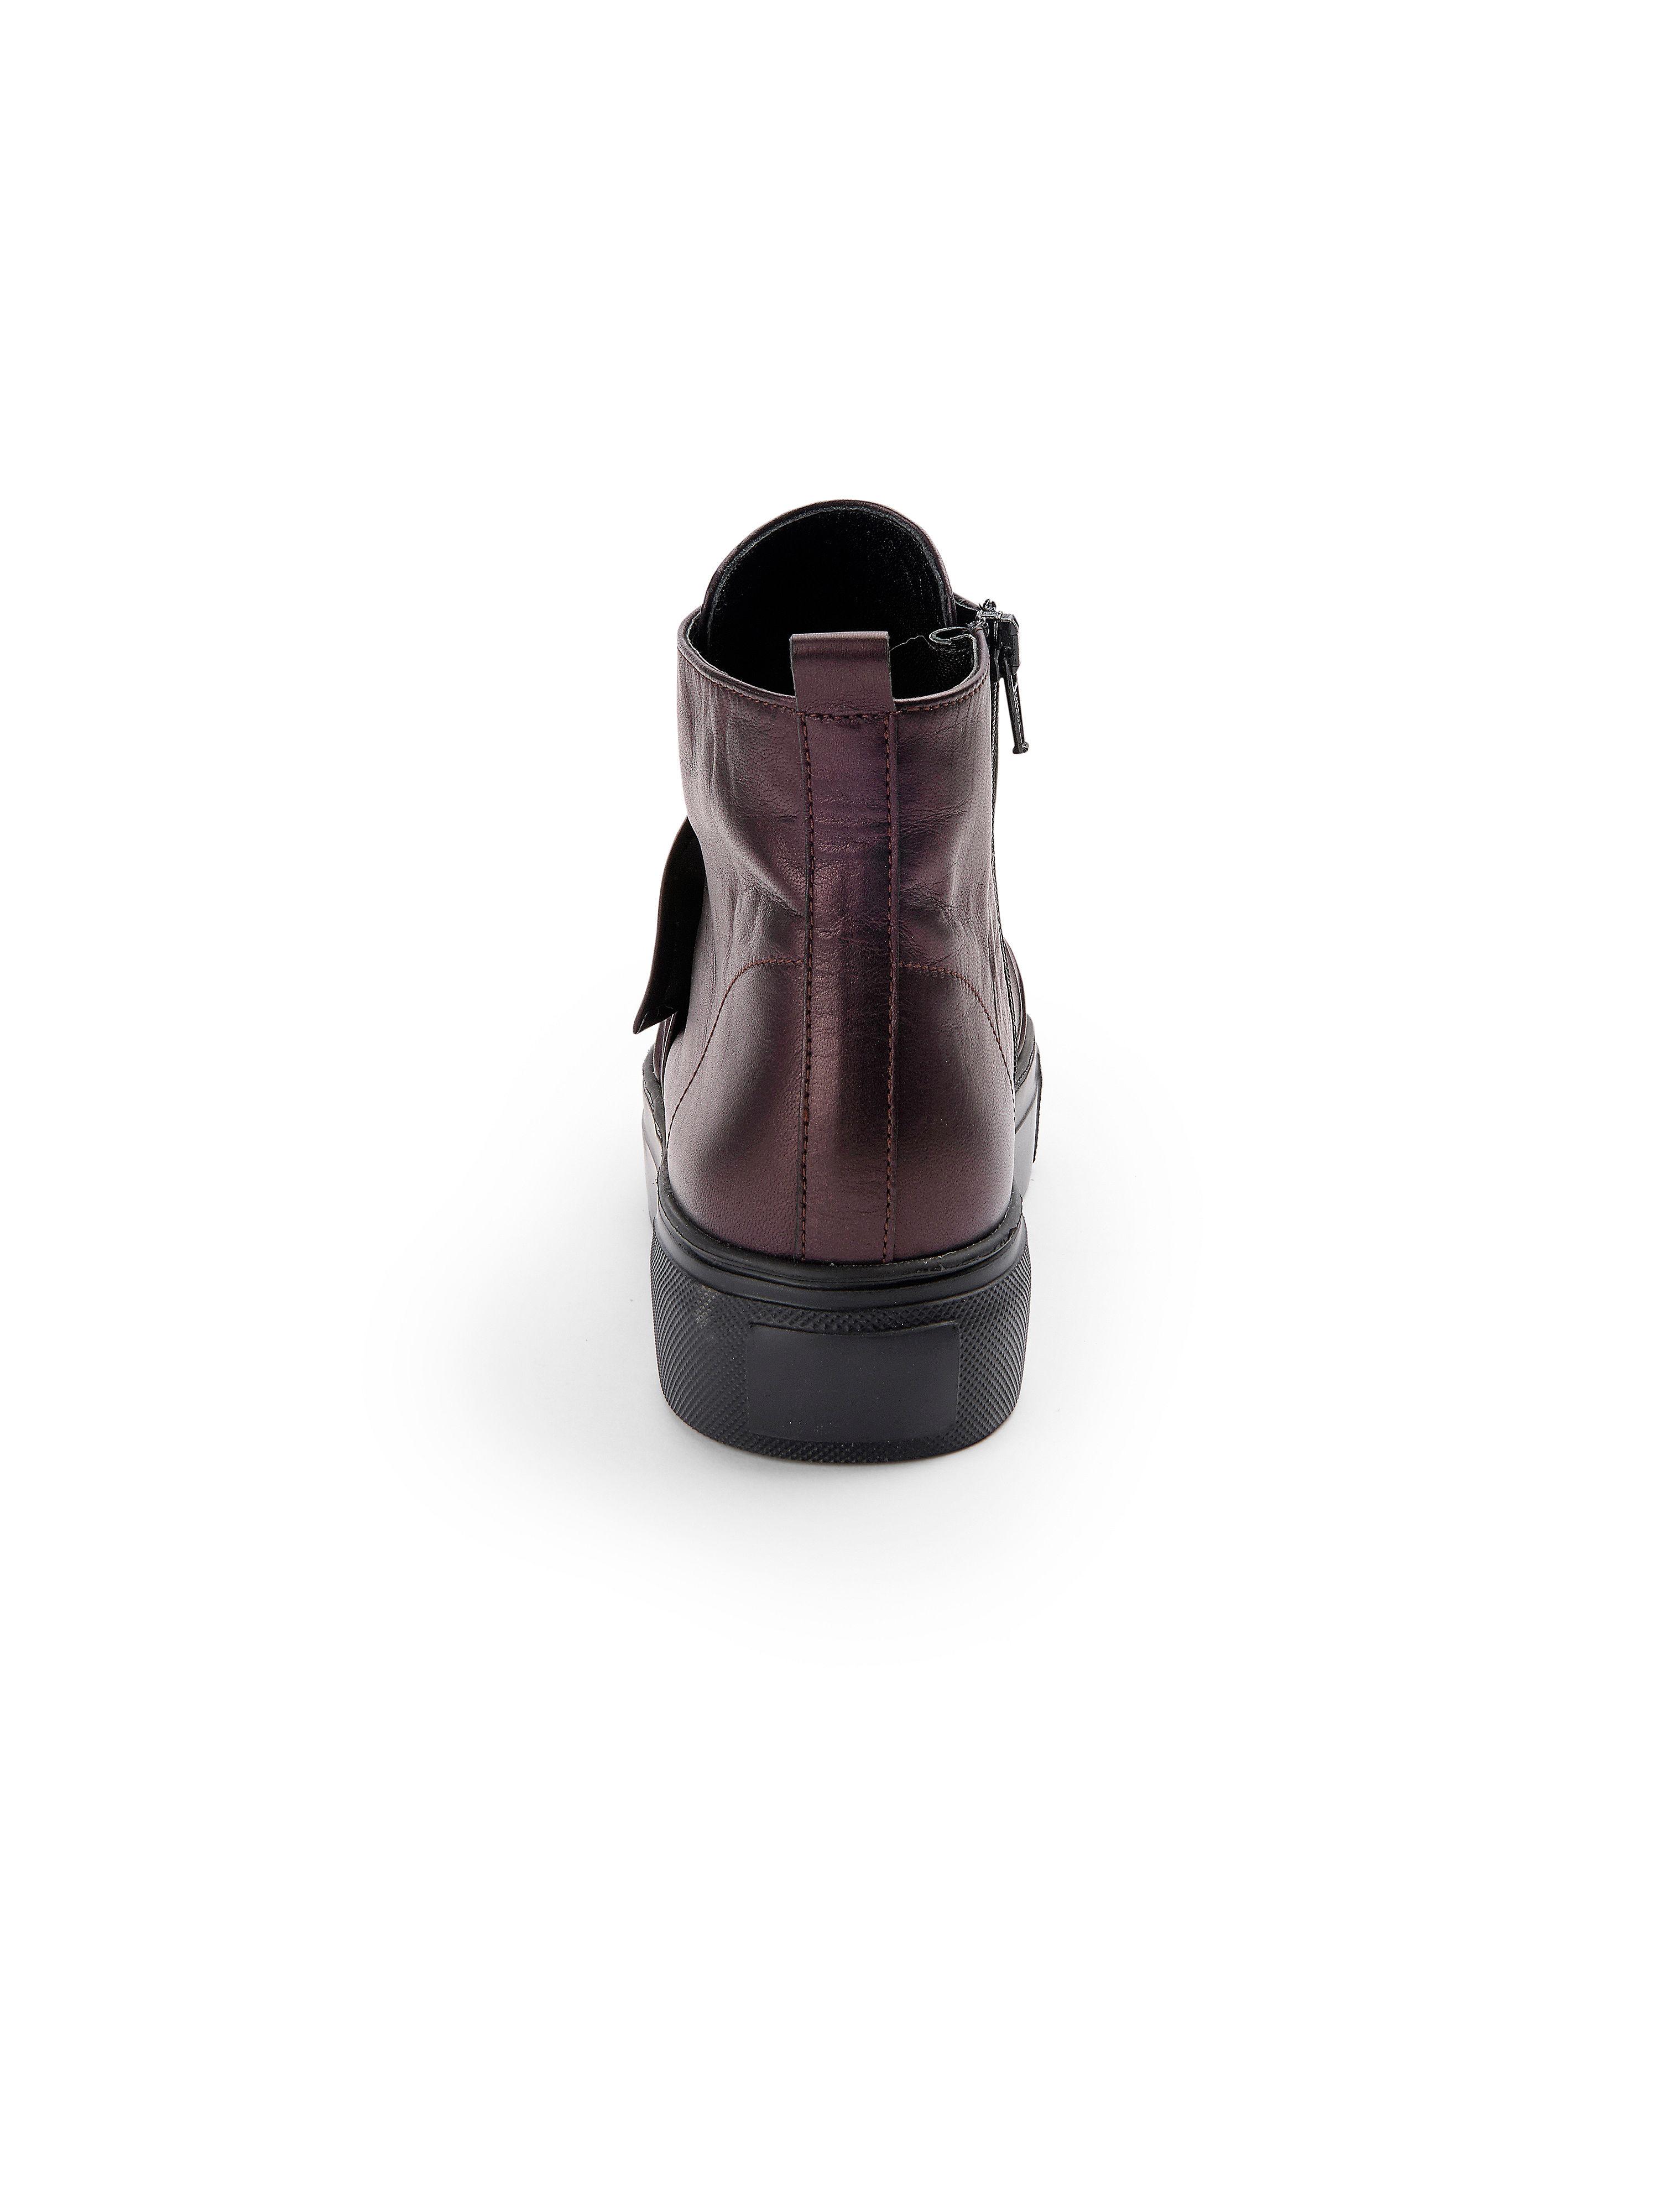 Kennel & Schmenger - Stiefelette BIG beliebte - Weinrot-Metallic Gute Qualität beliebte BIG Schuhe 7b6eca